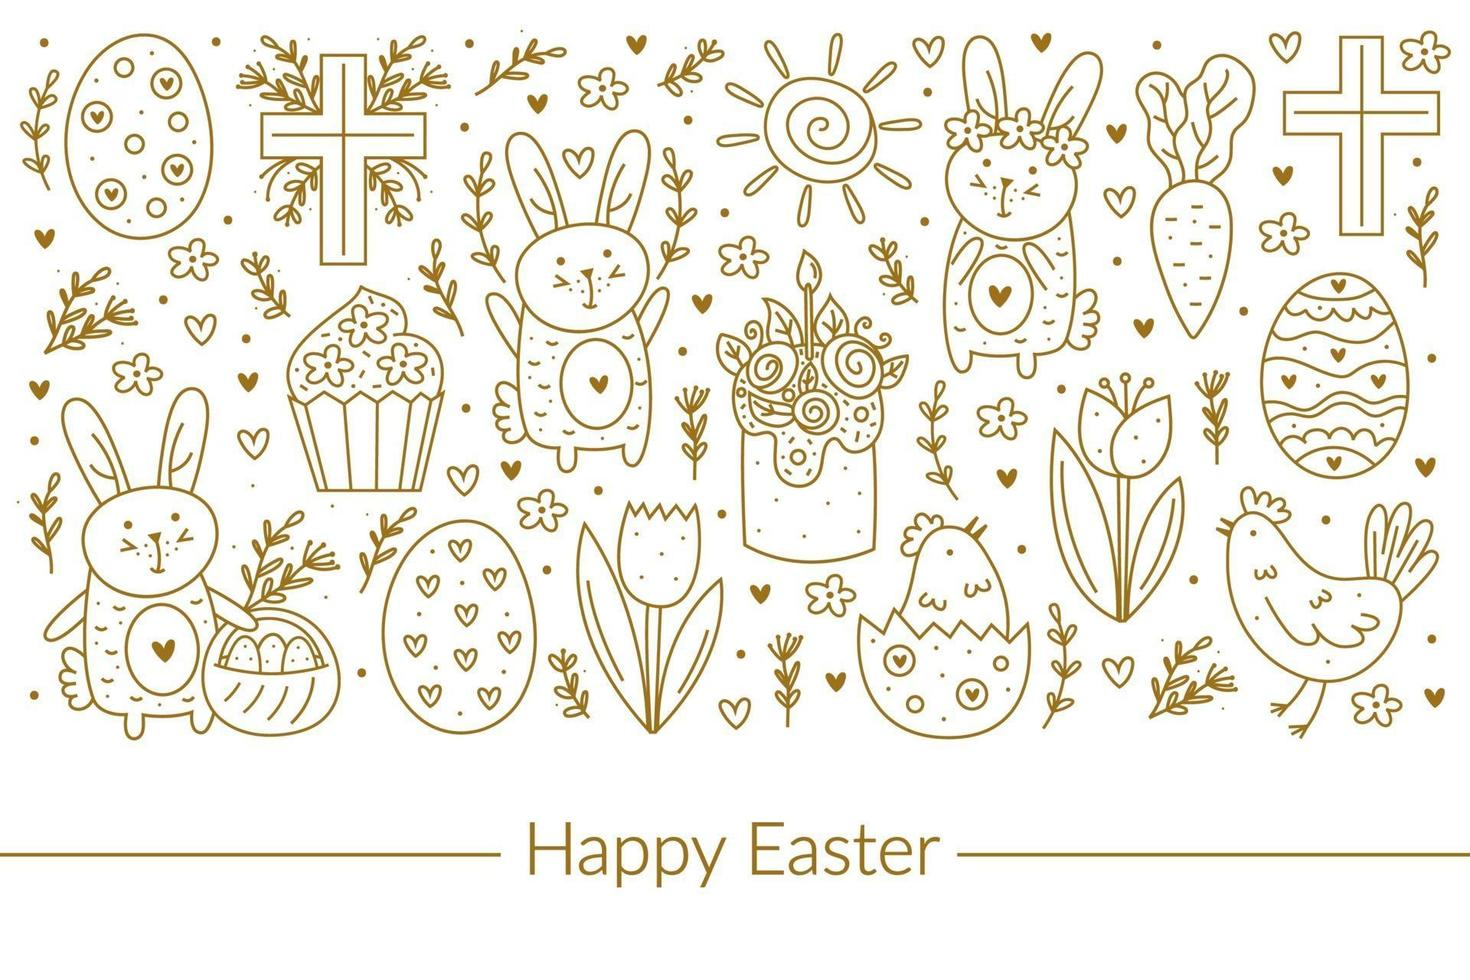 gelukkig Pasen doodle lijntekeningen ontwerp. gouden ontwerpelementen. konijn, konijn, christelijk kruis, cake, koekje, kip, ei, kip, bloem, wortel, zon. geïsoleerd op een witte achtergrond. vector